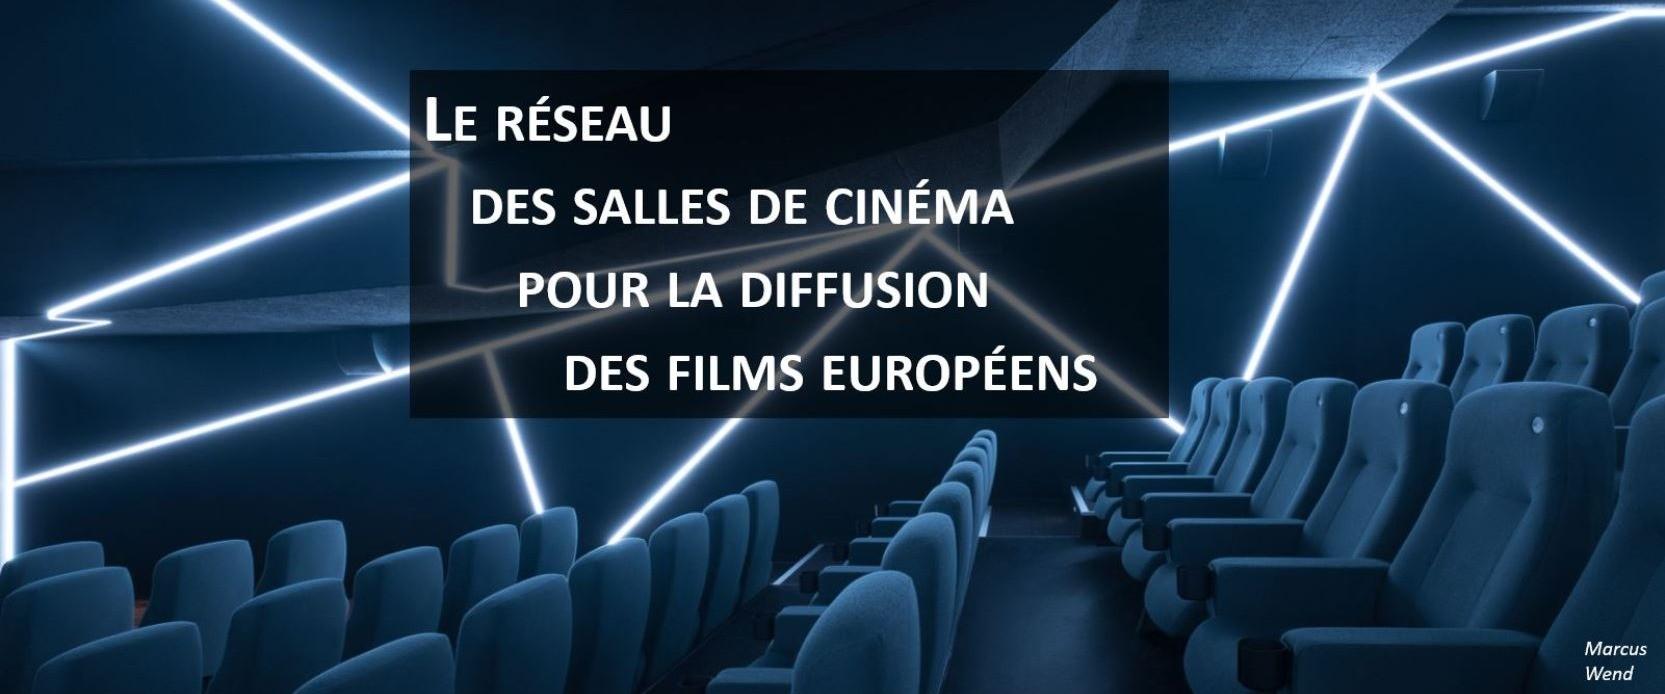 Europa Cinéma